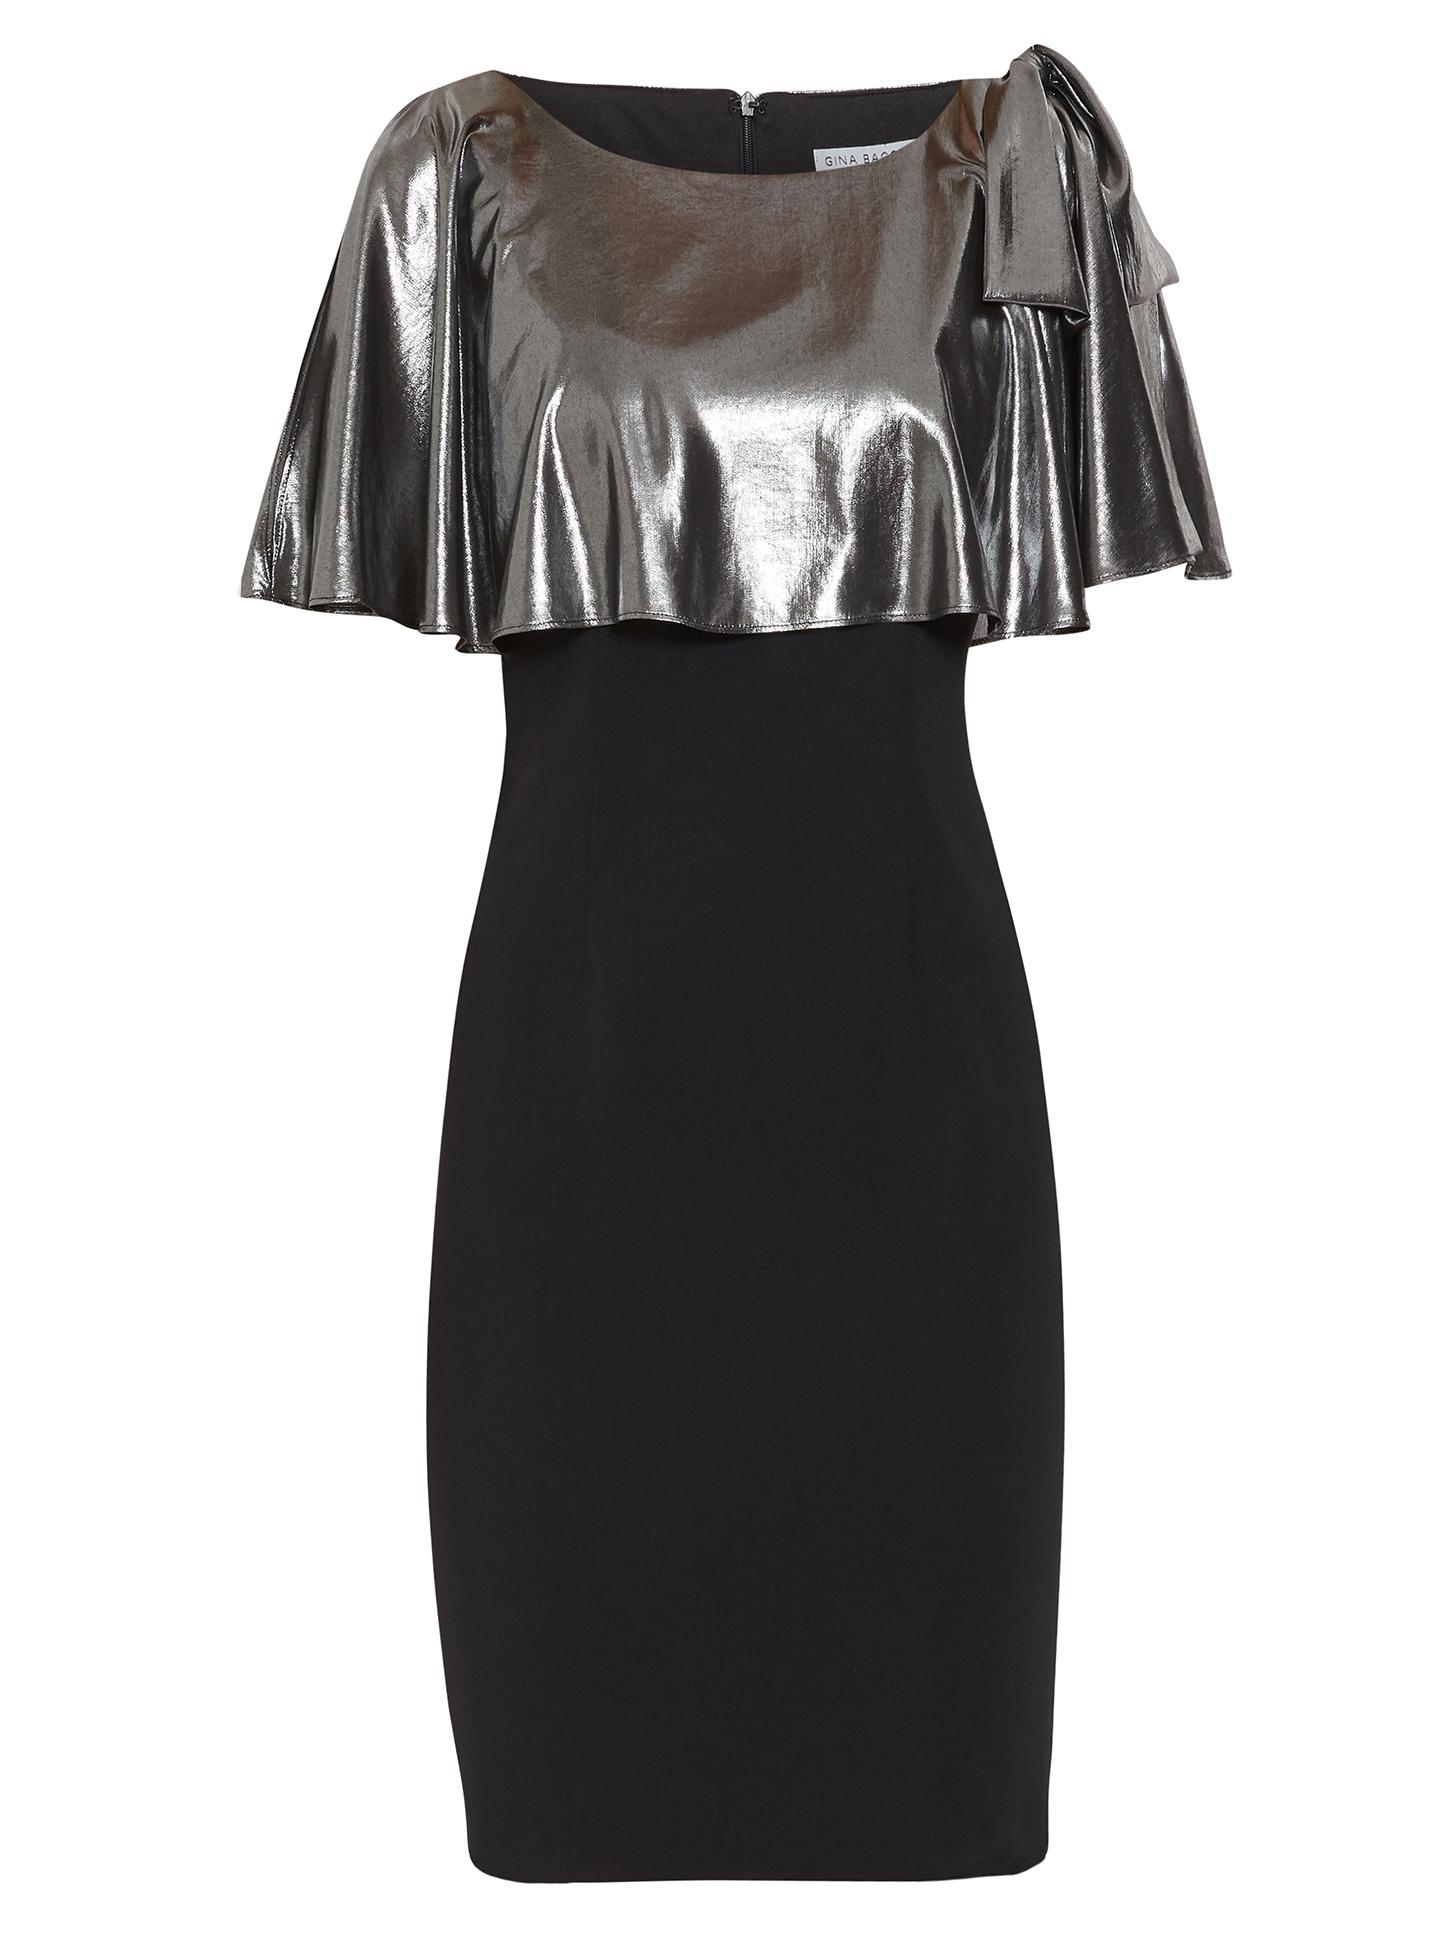 Amari Crepe And Metallic Chiffon Dress